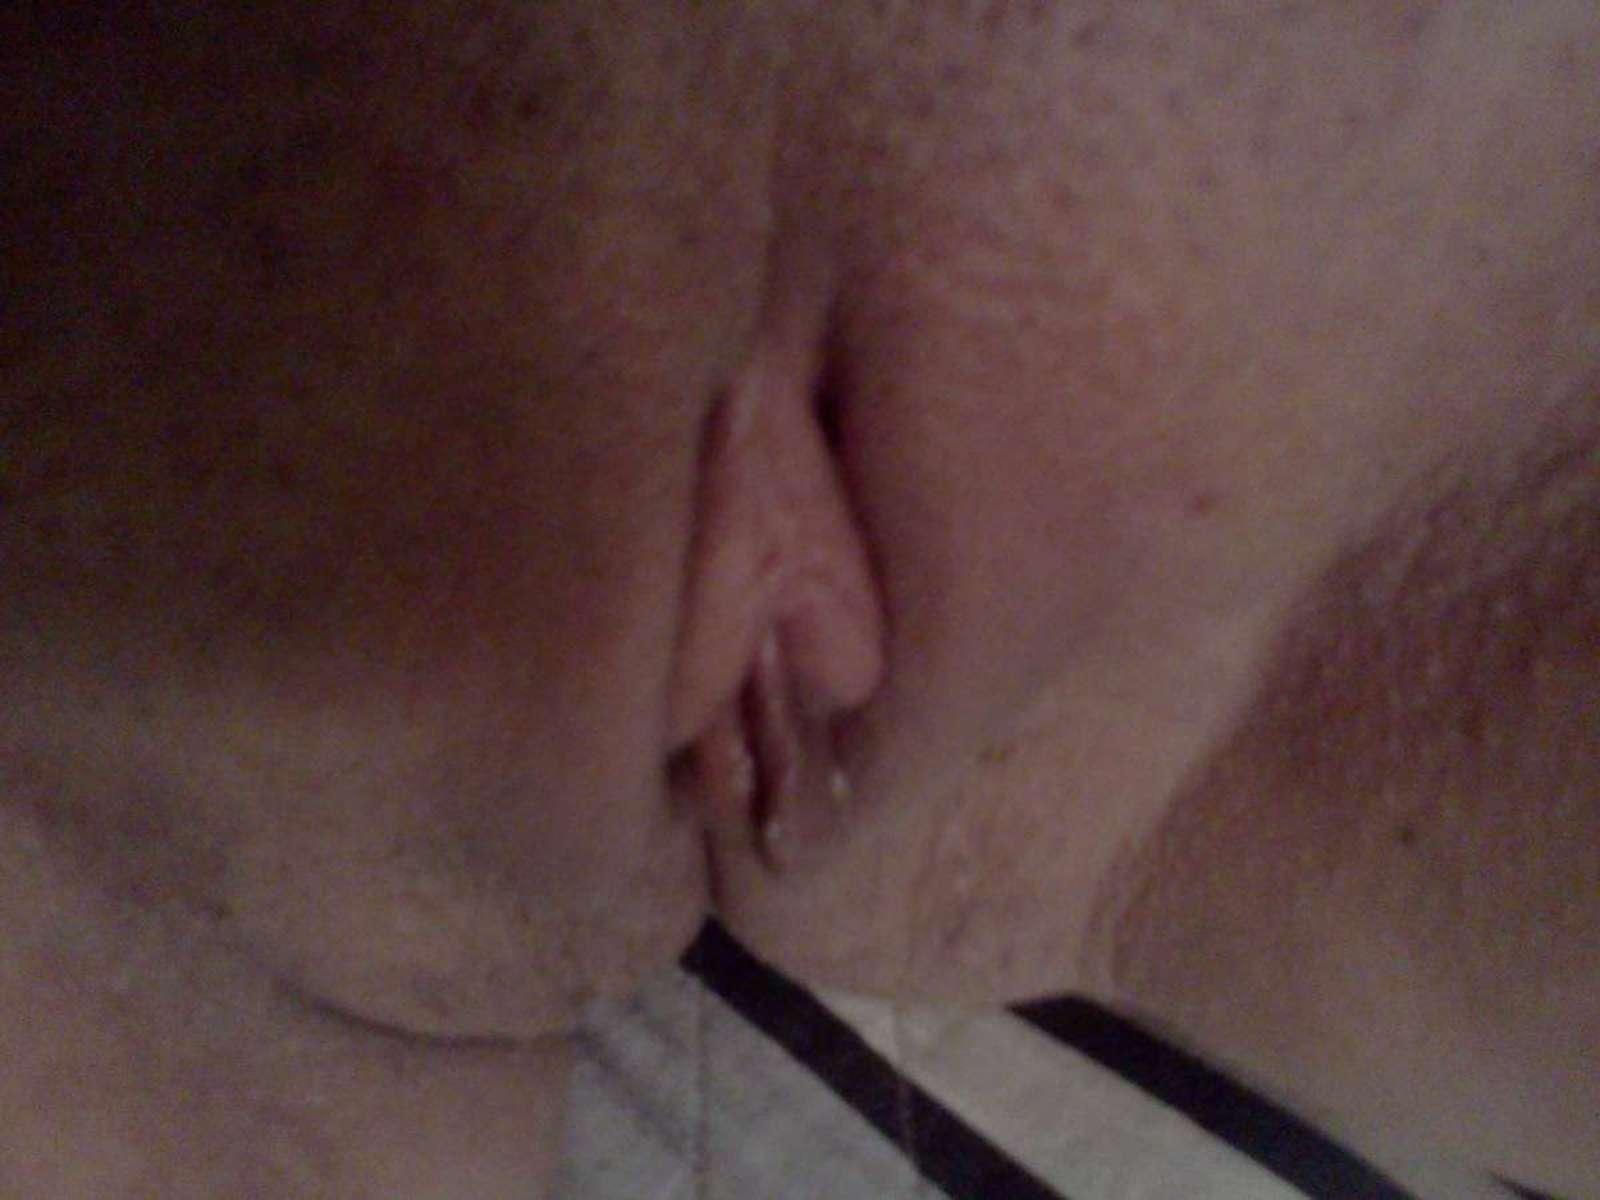 gros seins latina (4)